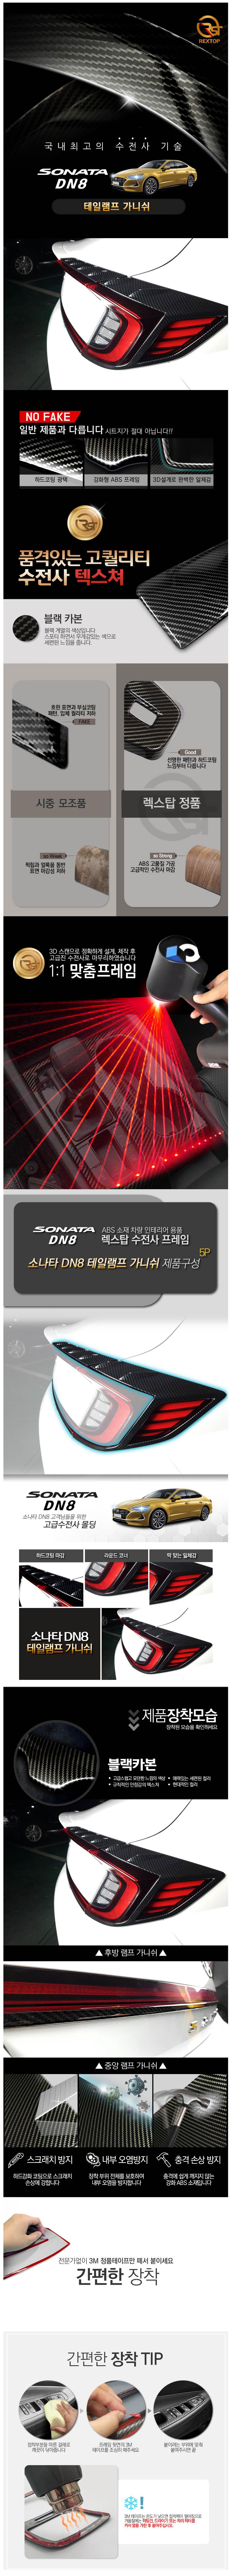 Накладки REXTOP на задние фонари (карбон) на Sonata DN8 2000110473